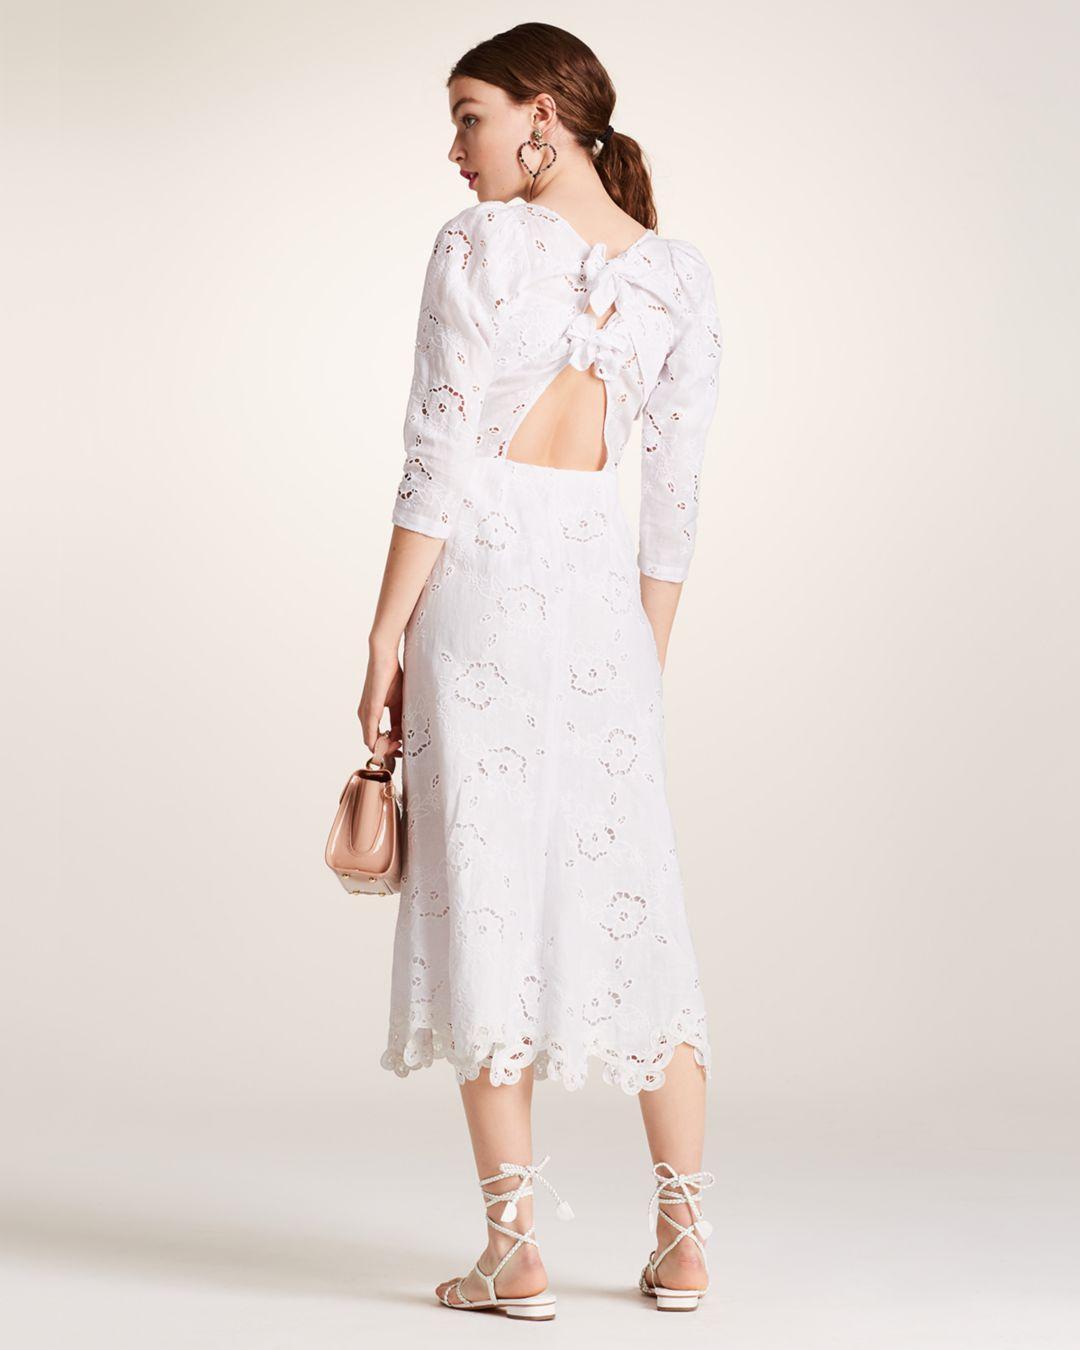 9b1e3f3c83 Lyst - Rebecca Taylor Terri Embroidered Dress